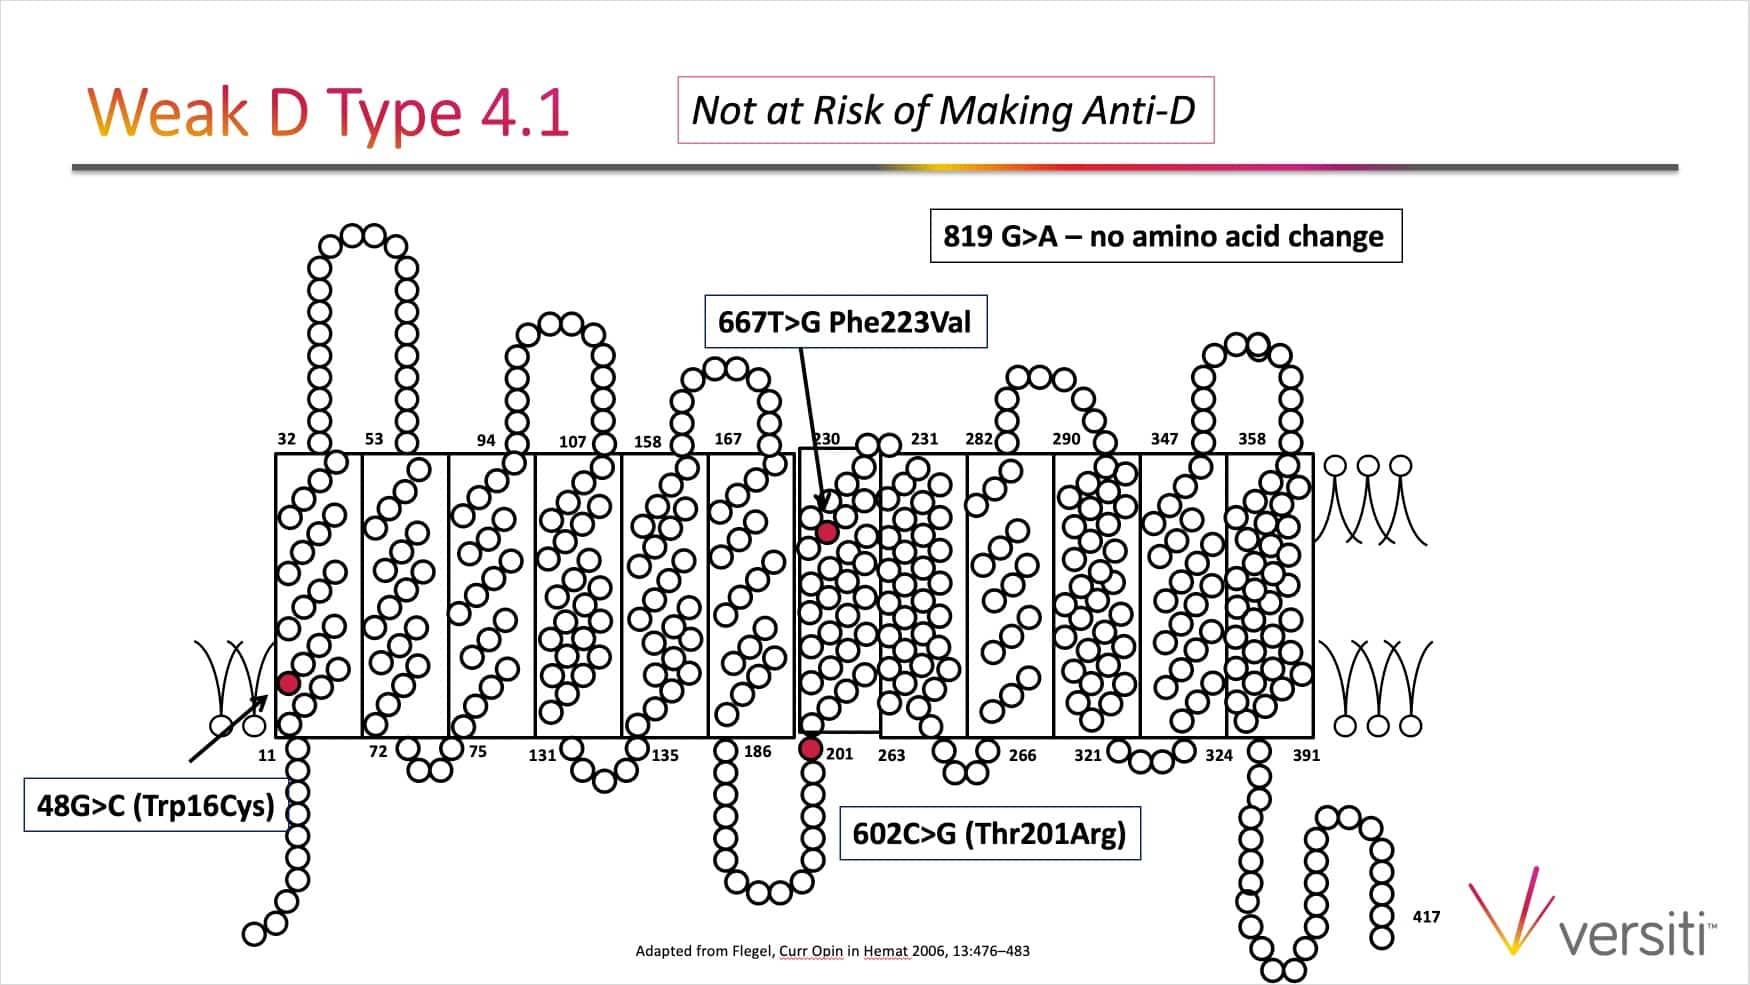 Slide 5: Weak D type 4.1; treat as RhD-positive